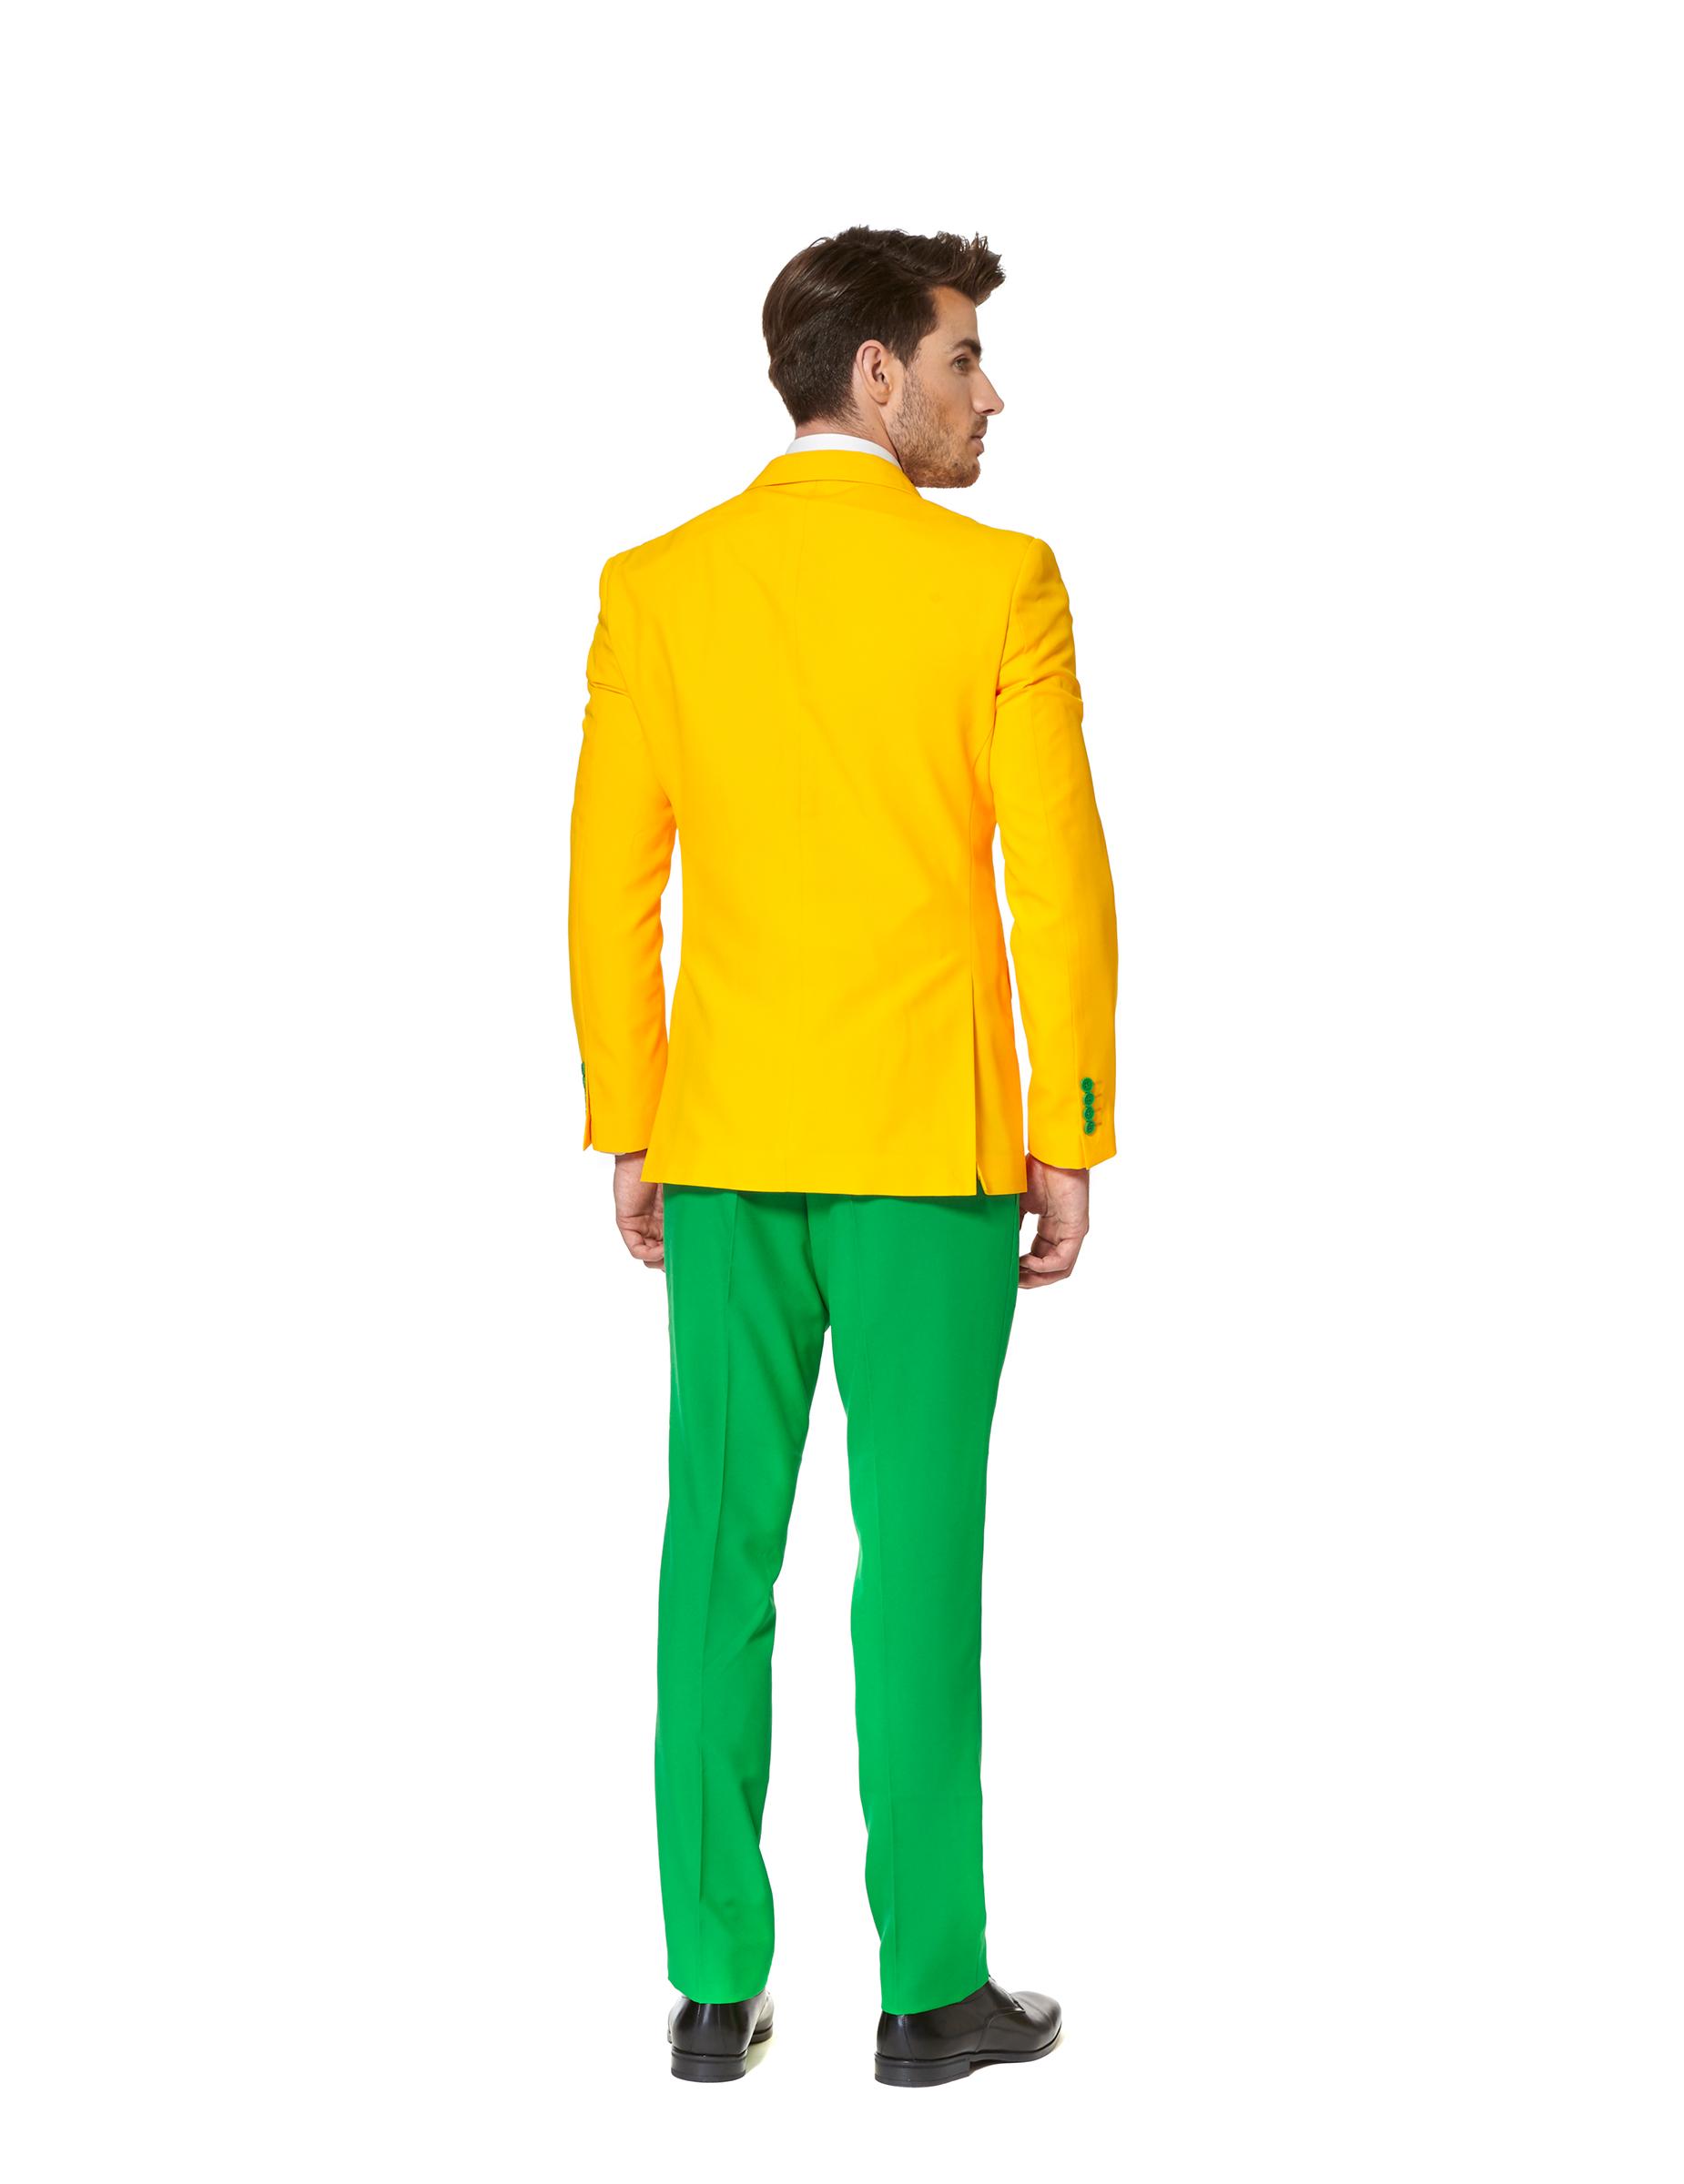 Nov 16, · Che sia uomo, donna, ragazzo, ragazza o bambino: il costume può essere acquistato per tutte le fasce d'età. Invitiamo a rinunciare al noleggio di costumi. Invitiamo a /5().